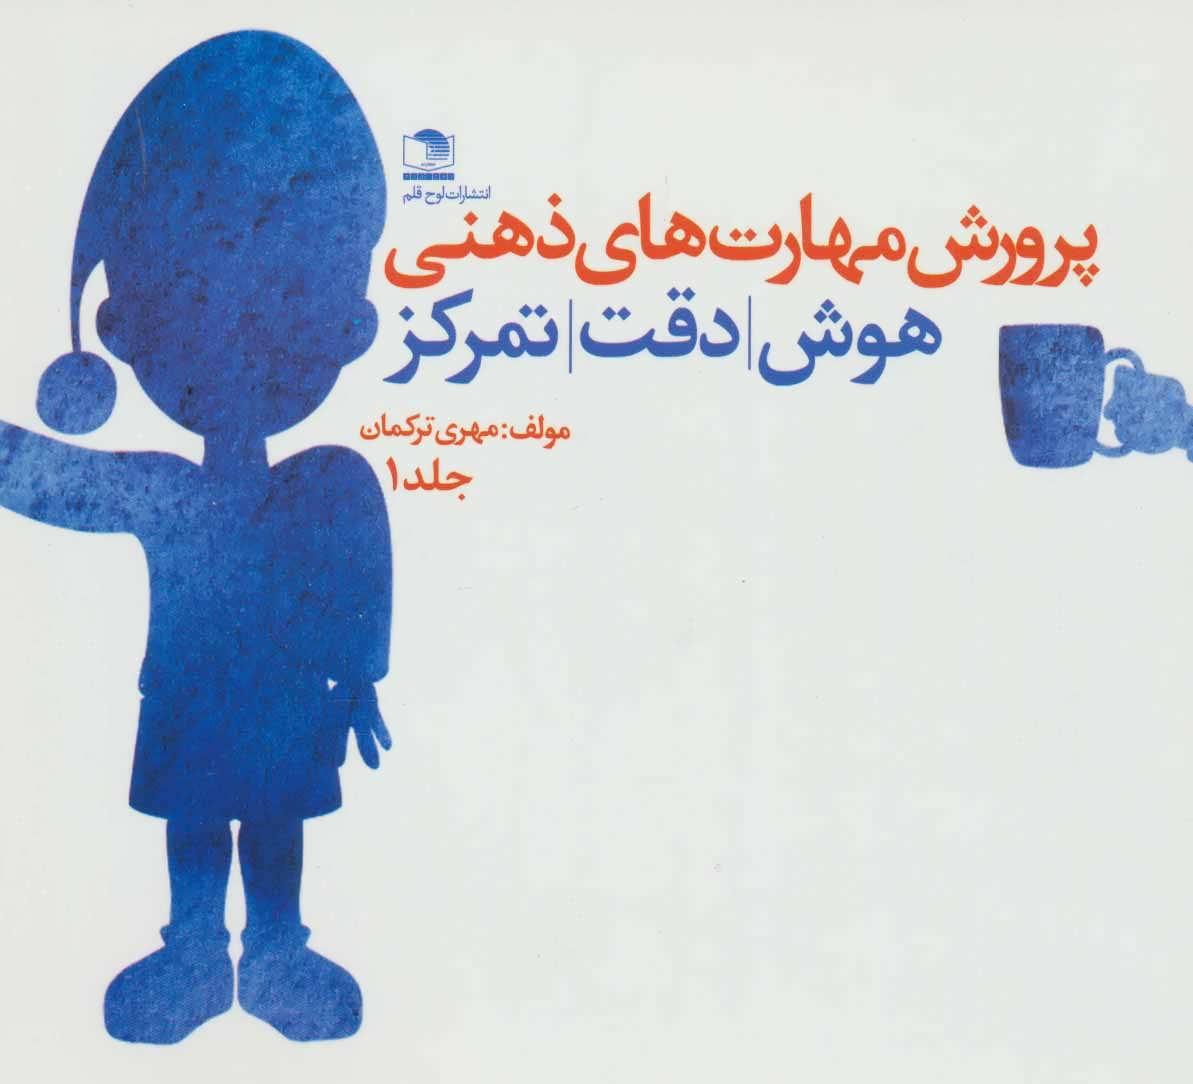 مجموعه پرورش مهارت های ذهنی (هوش،دقت،تمرکز)،(3جلدی)